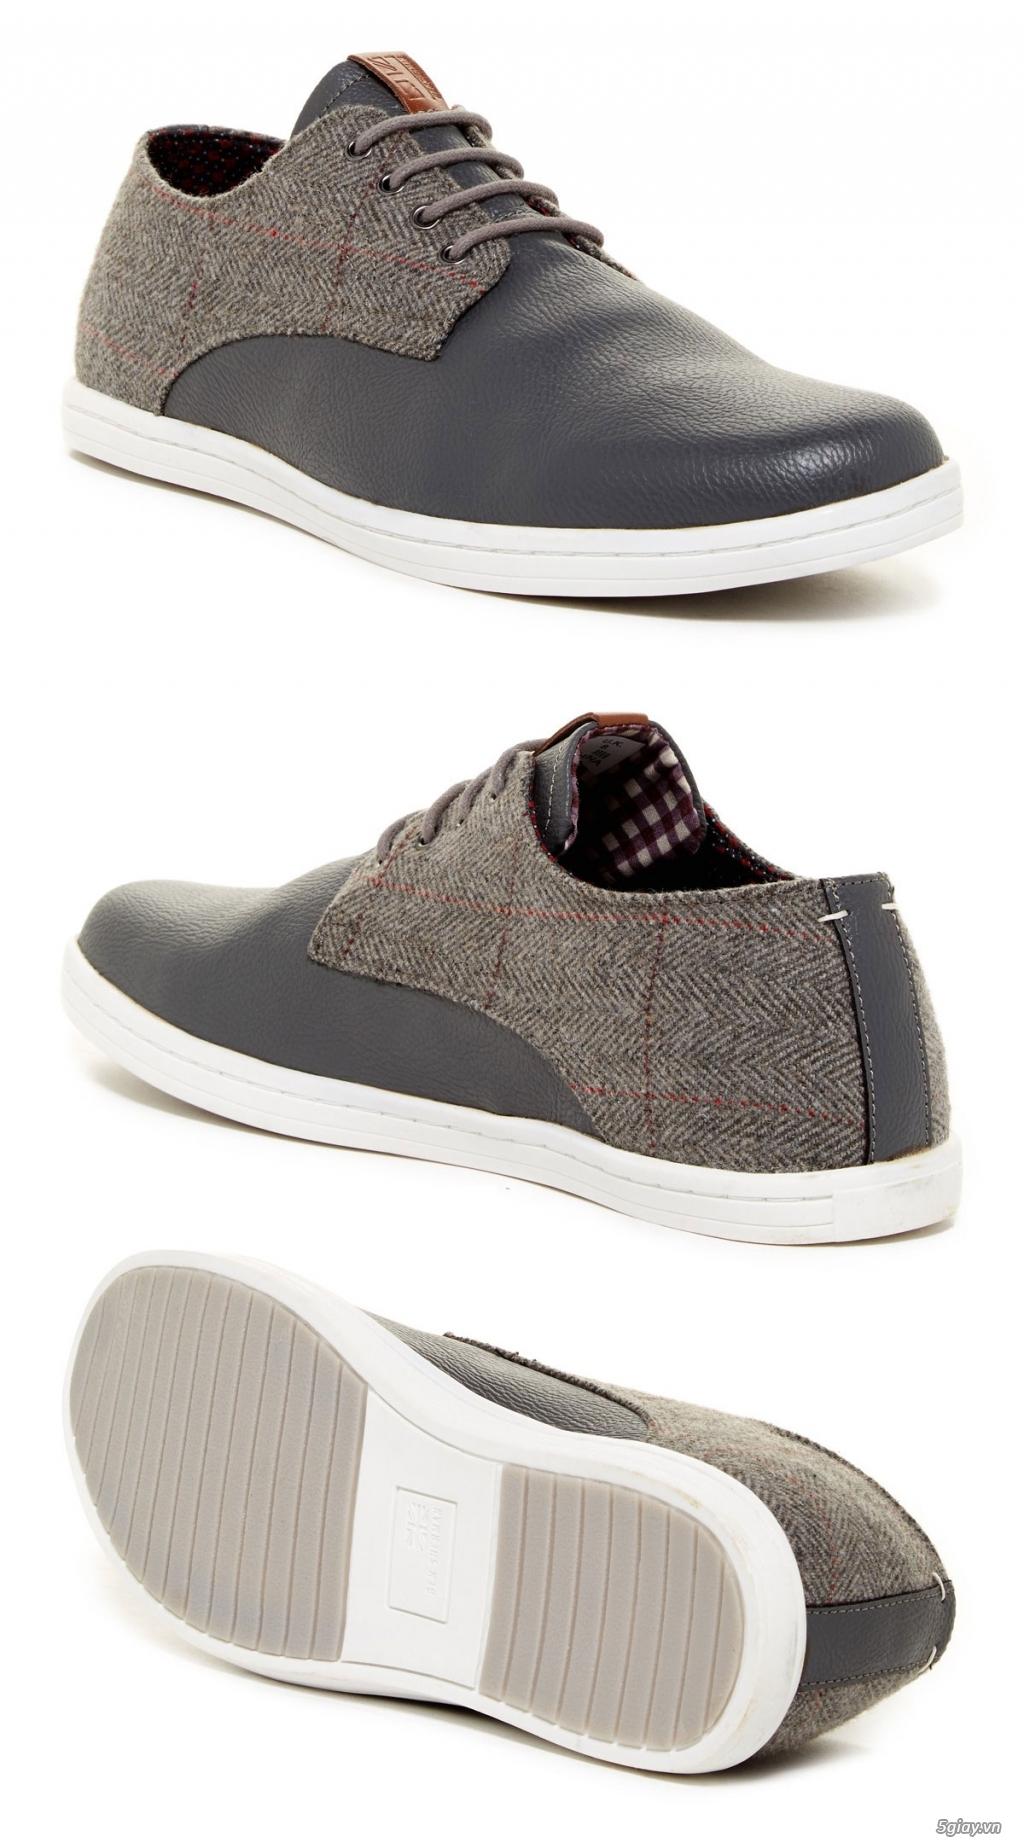 Giày dép hàng hiệu - xách tay 100% từ mỹ - 17